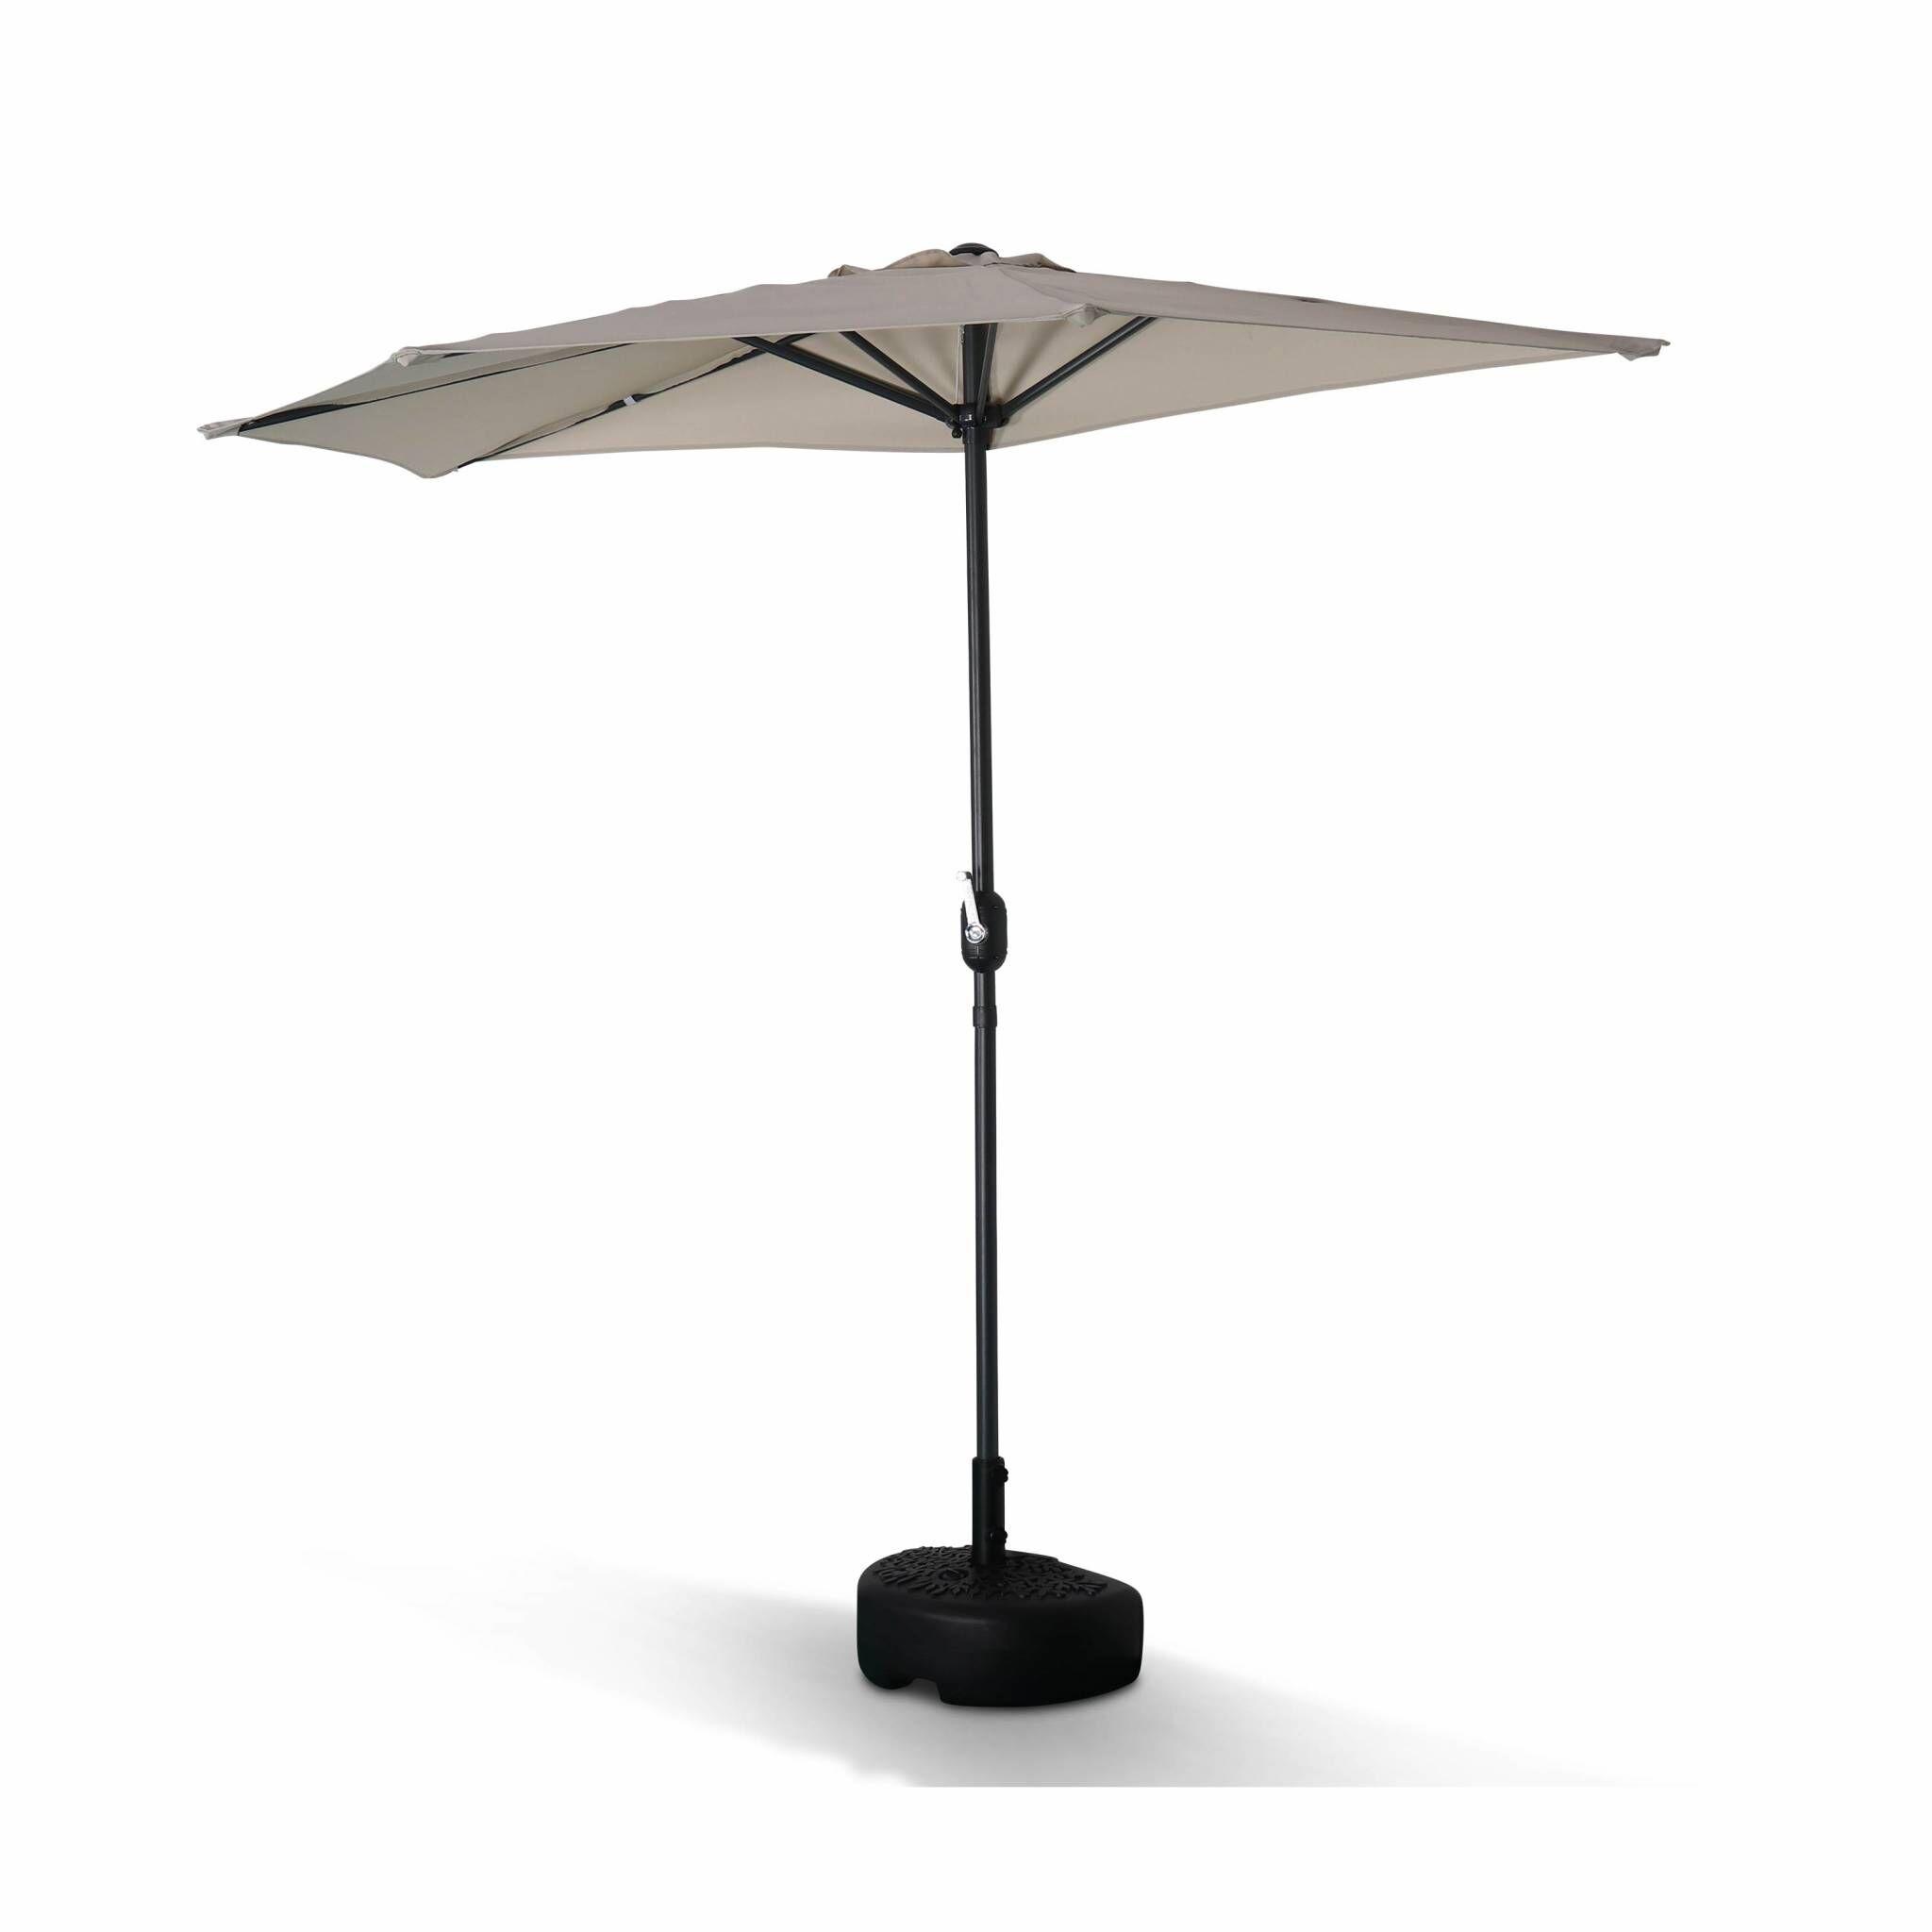 Alice's Garden Demi parasol de balcon droit mt en aluminium toile sable D250cm